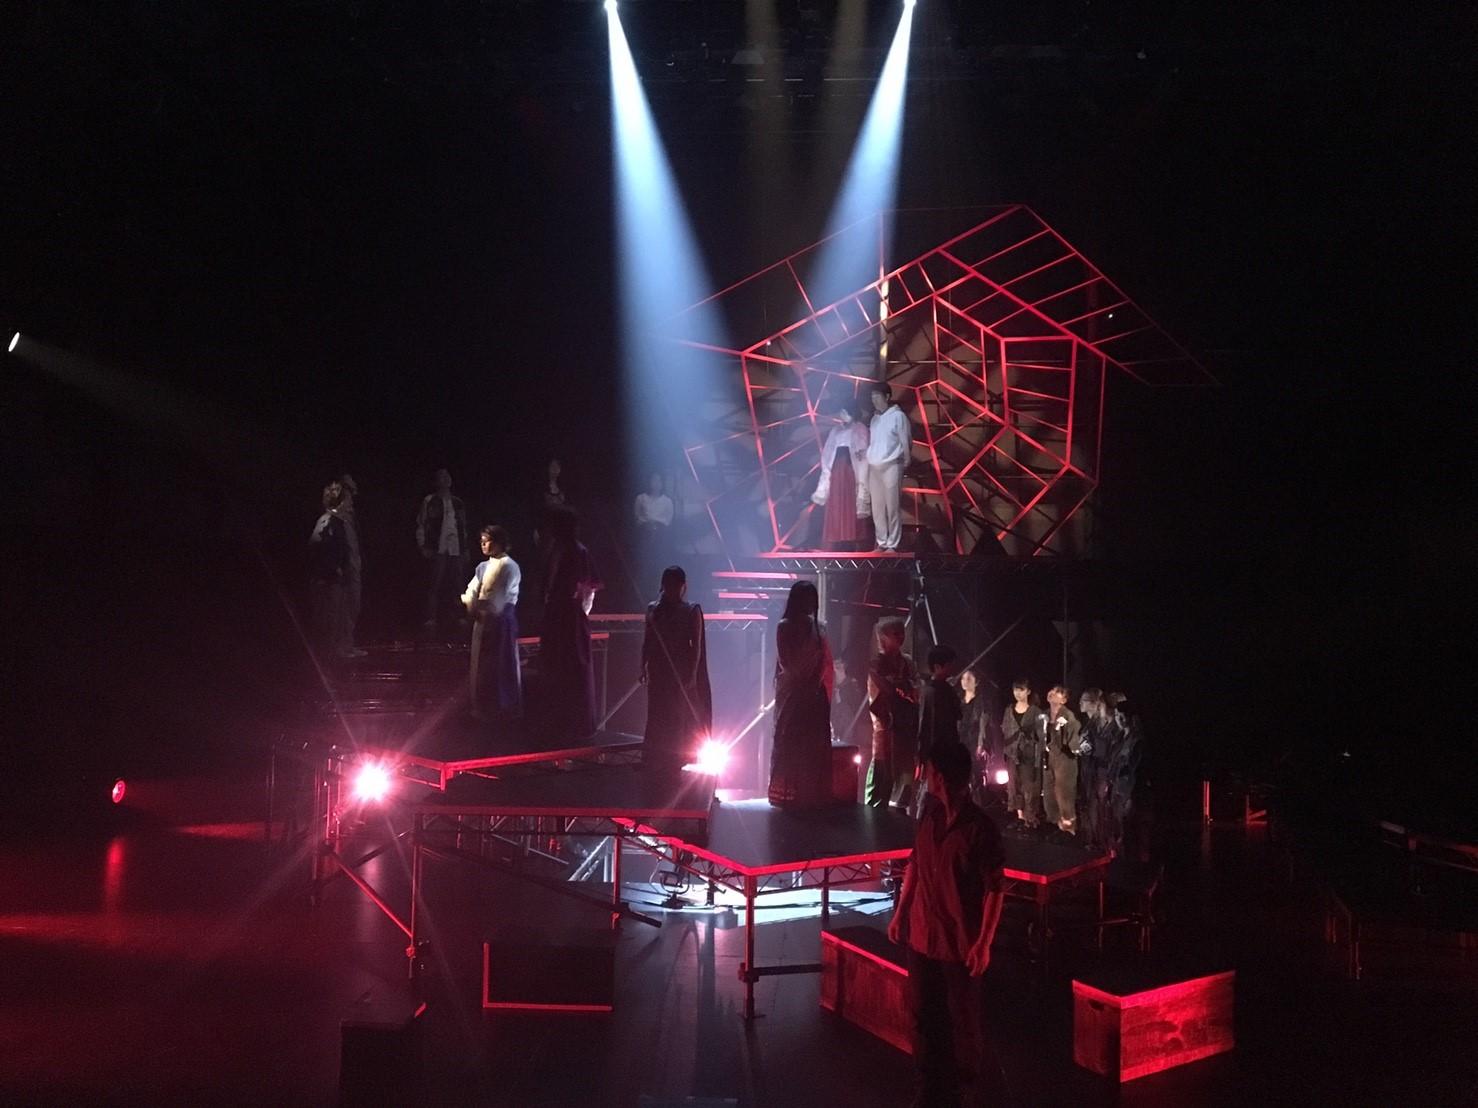 KAAT公演「螺旋と蜘蛛」